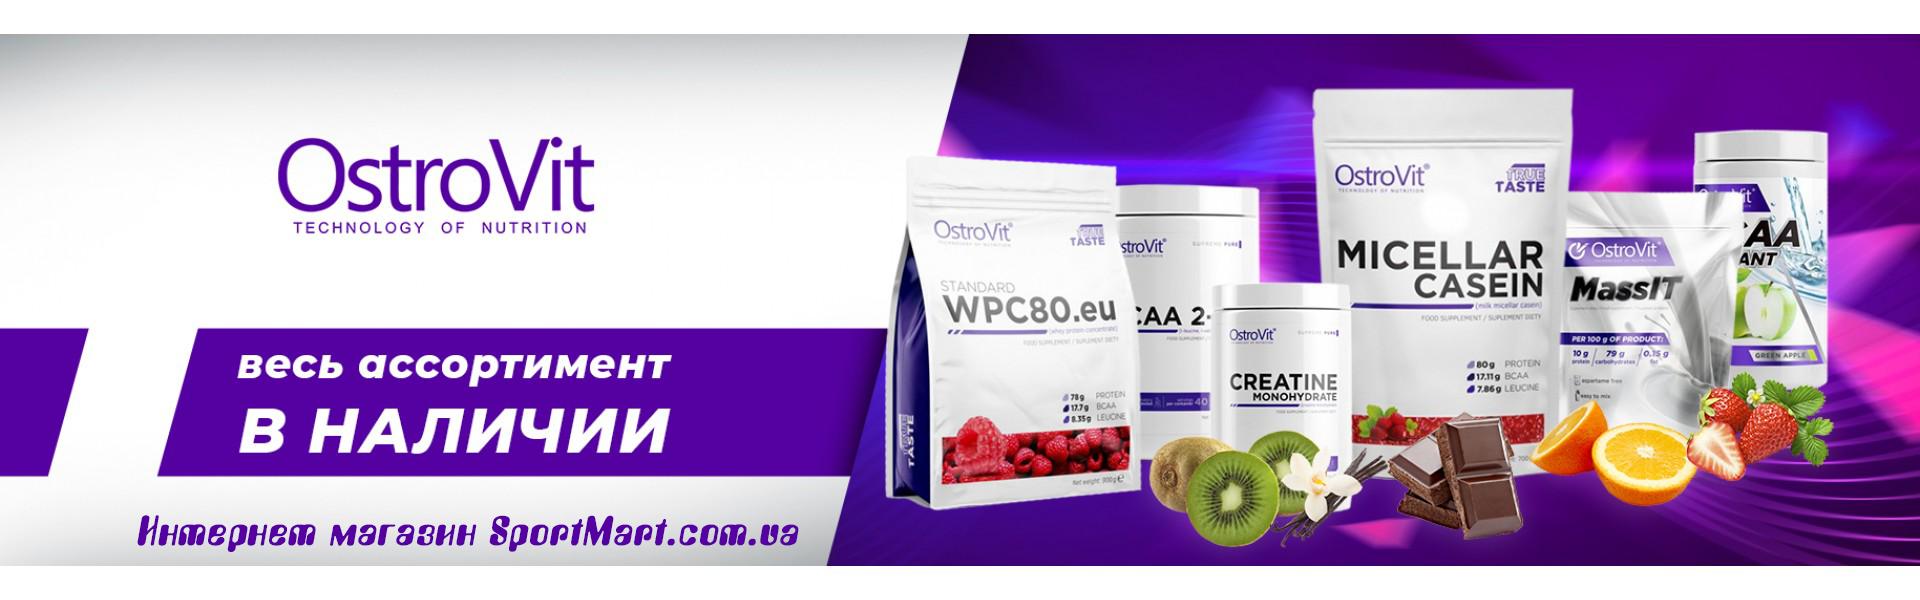 Купить спортивное питание от Ostrovit